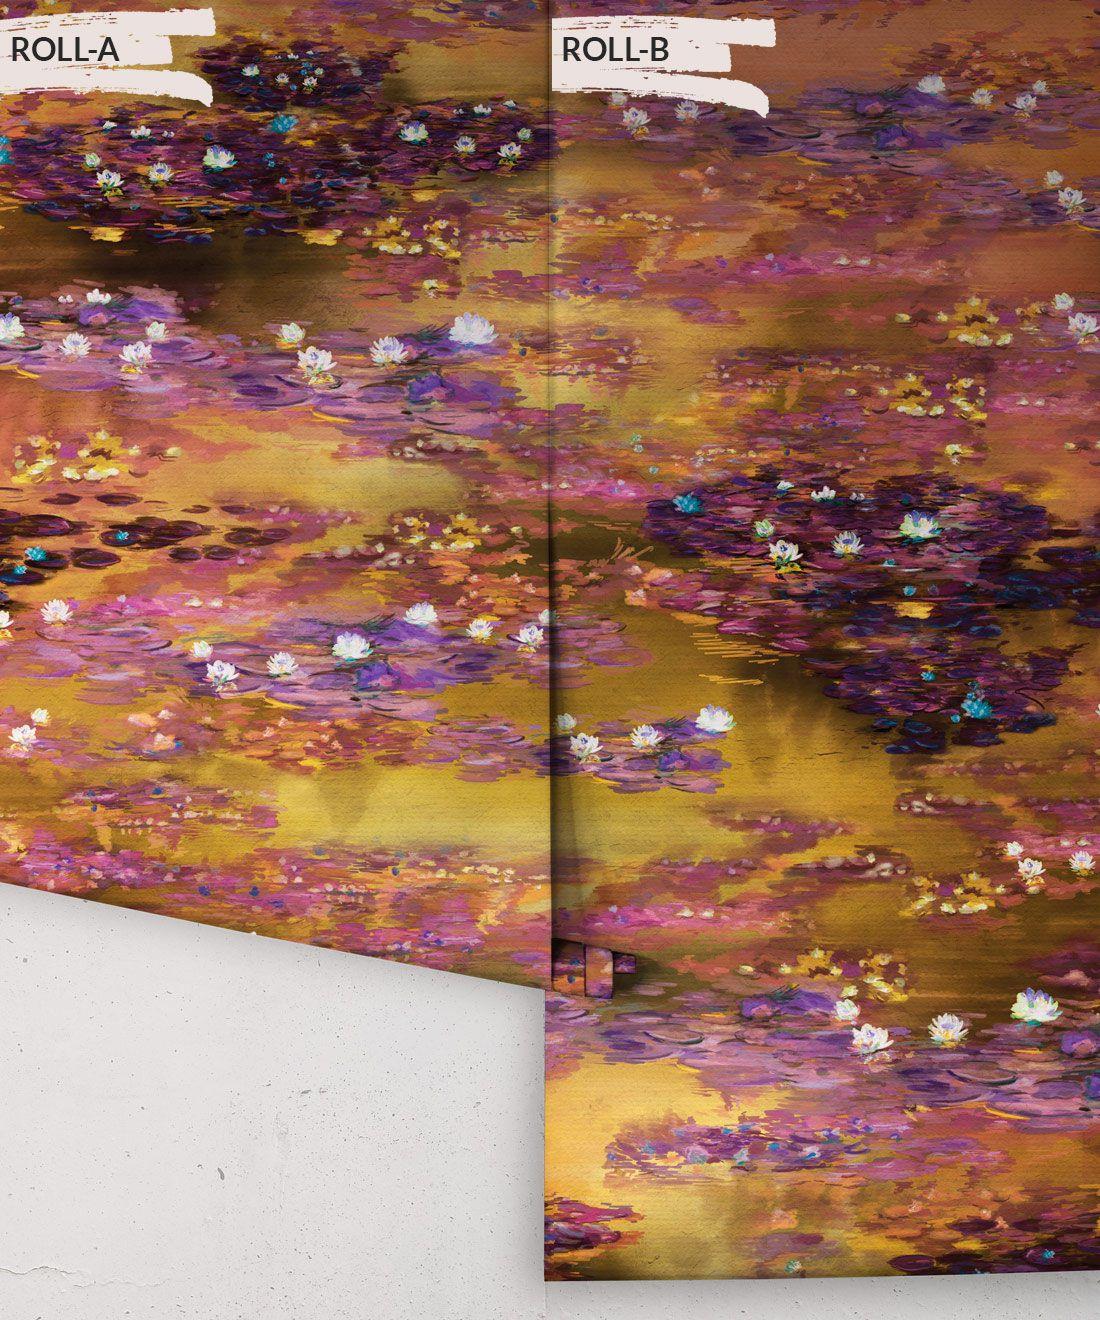 Water Lillies Wallpaper •Abstract Wallpaper • Dreamy Wallpaper • Luminere Wallpaper •Rolls